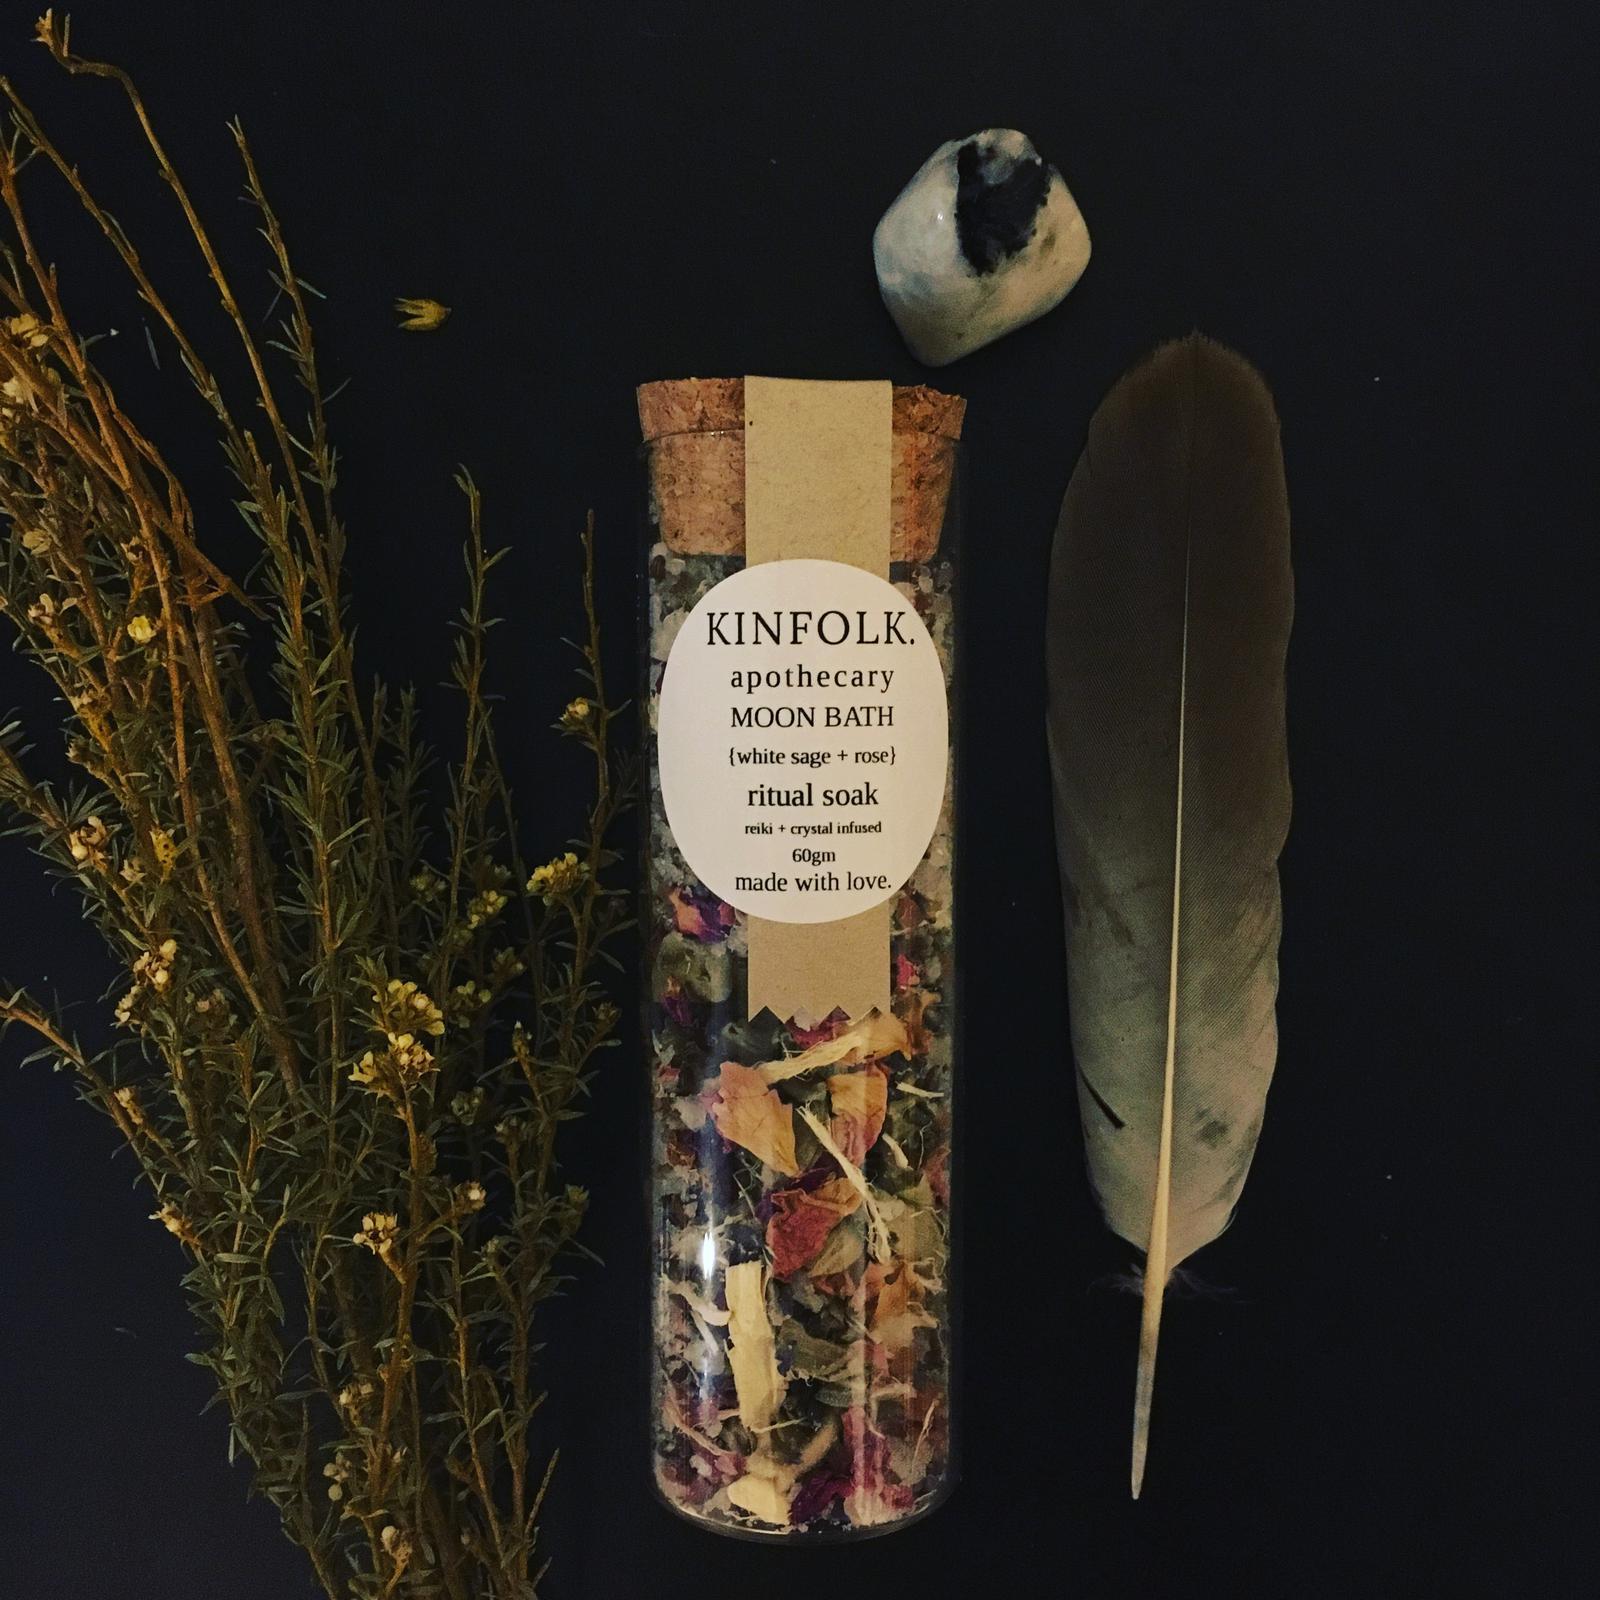 MOON BATH herbal bath salts